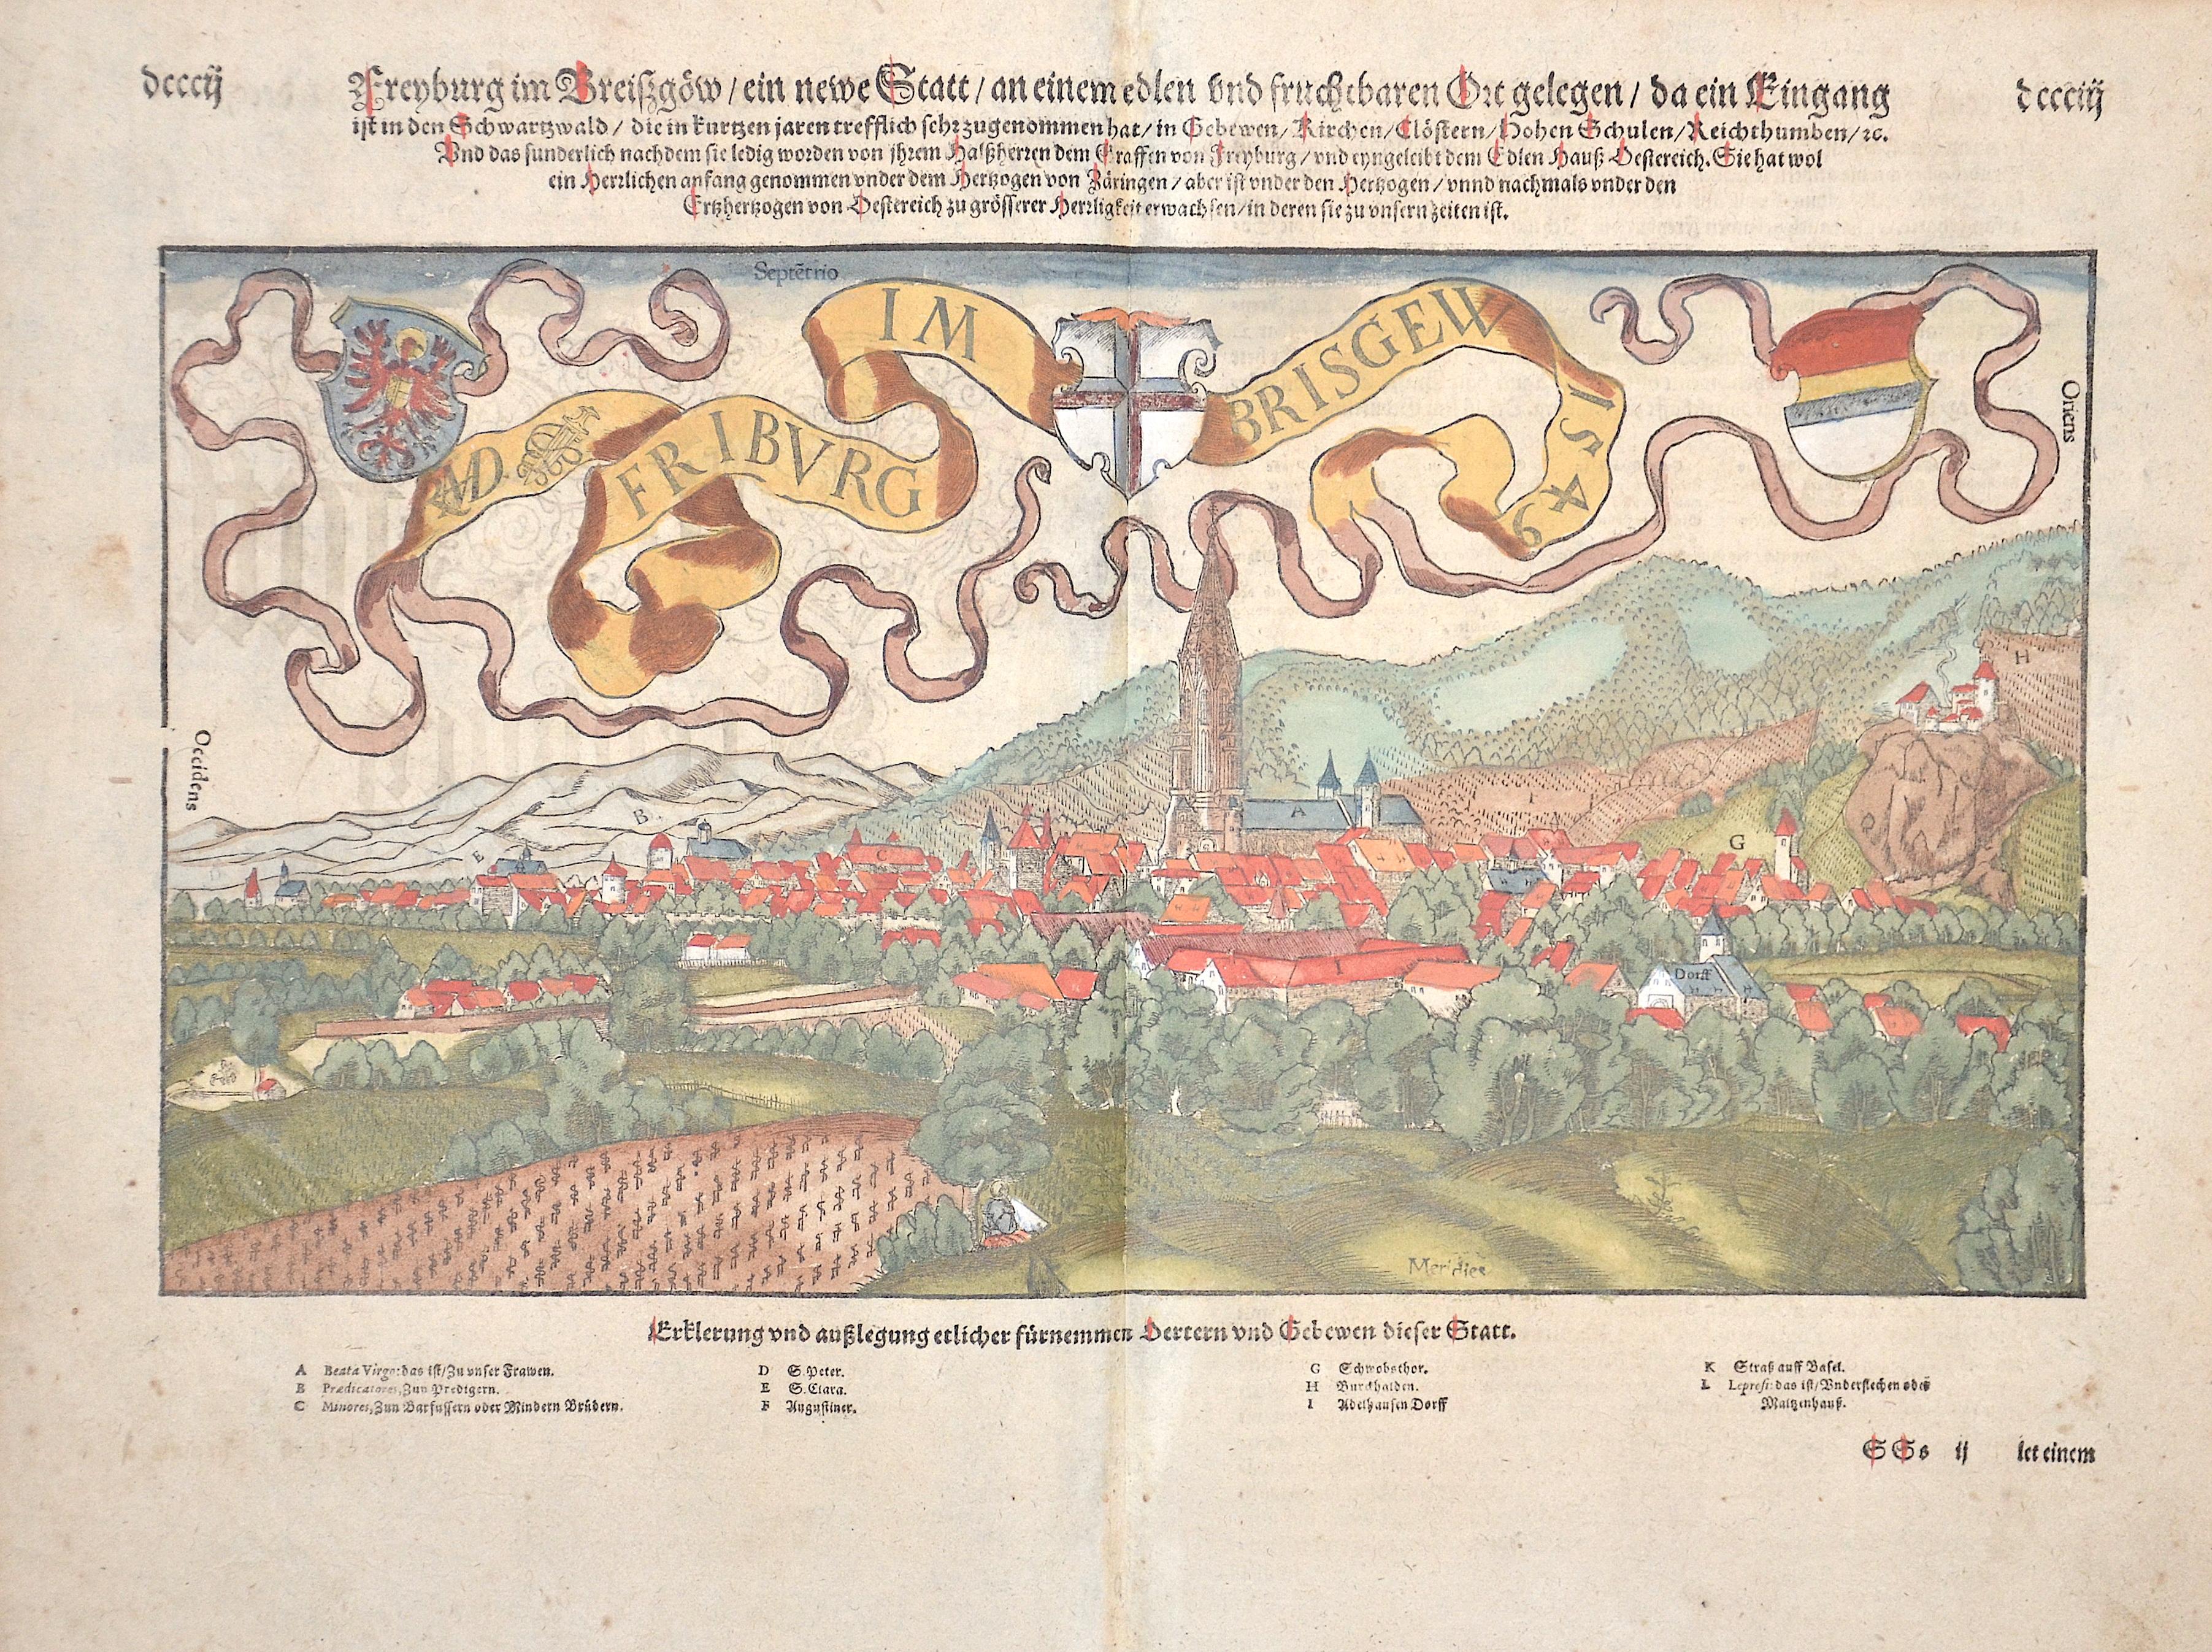 Münster Sebastian Freiburg im Breisz göw/ein newe Statt/ an einem edlen und fruchbaren Ort gelegen/da ein Eingang ist in den Schwarzwald